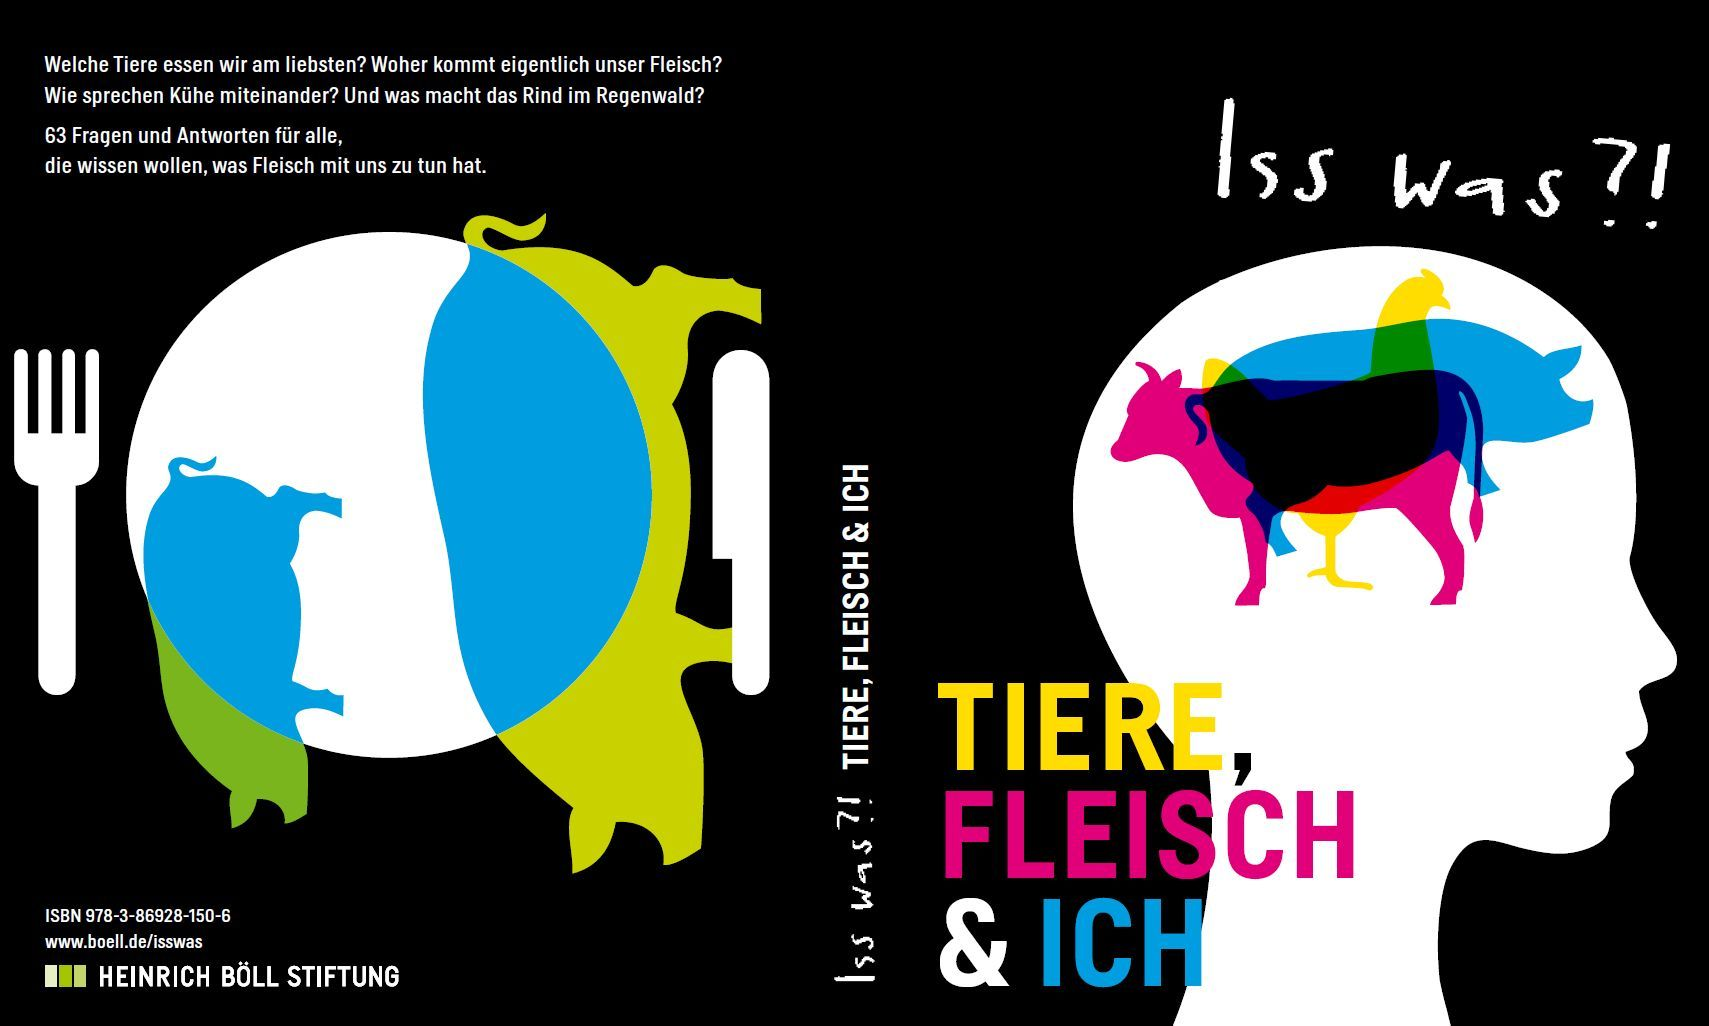 Pin Von Heinrich Boll Stiftung Auf Iss Was Tiere Fleisch Ich Mit Bildern Tiere Fleisch Essen